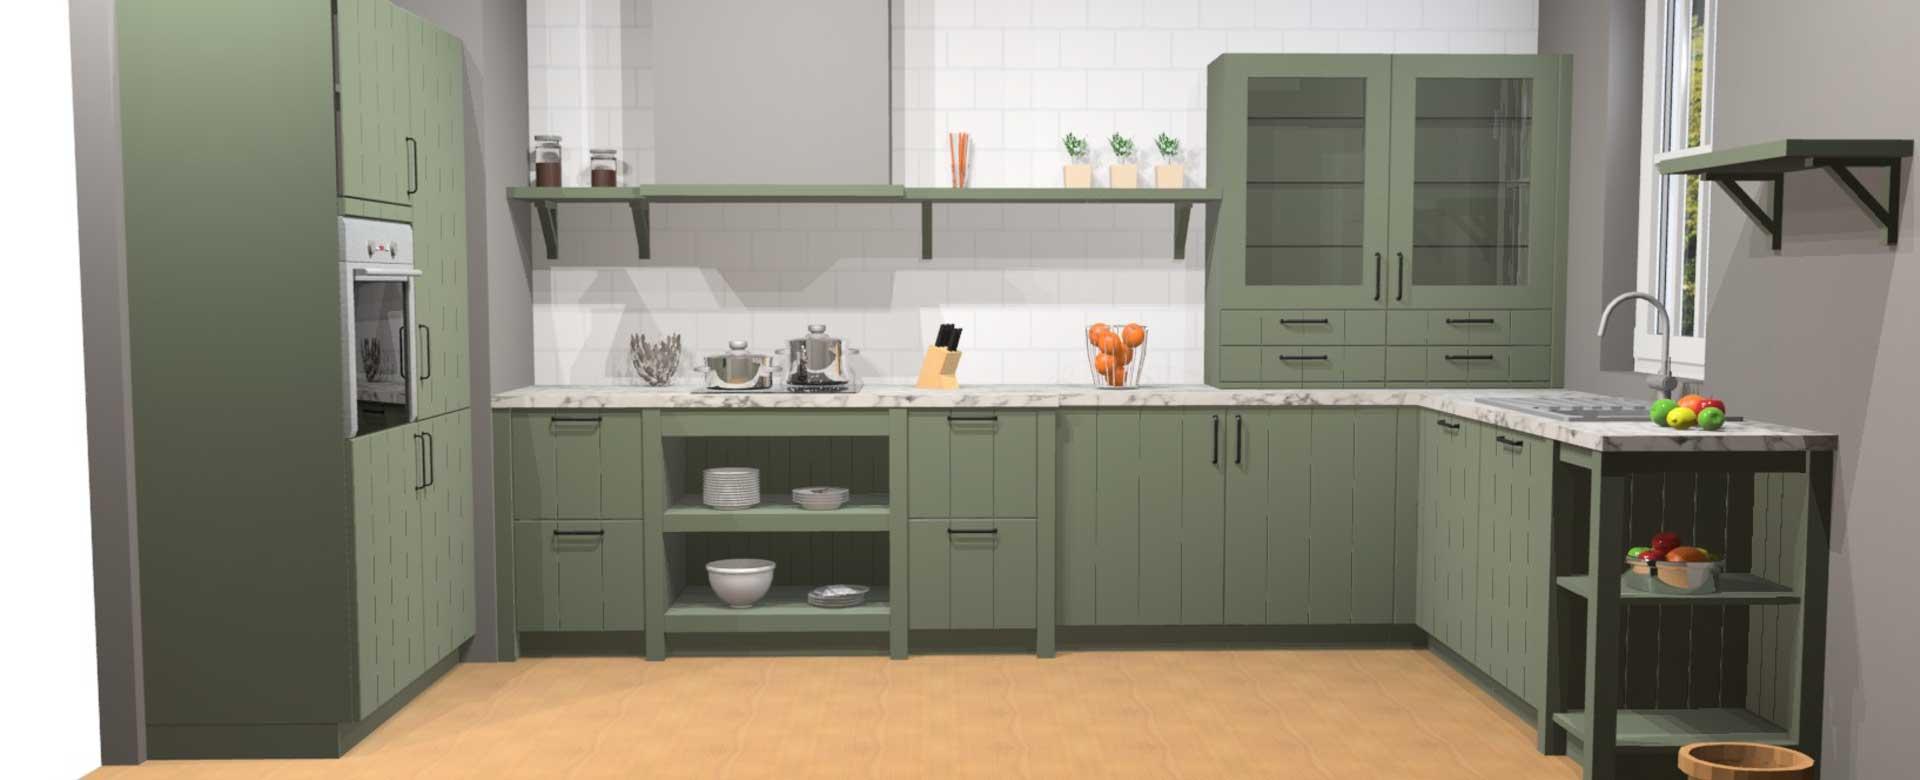 Küche - Entwurf 2